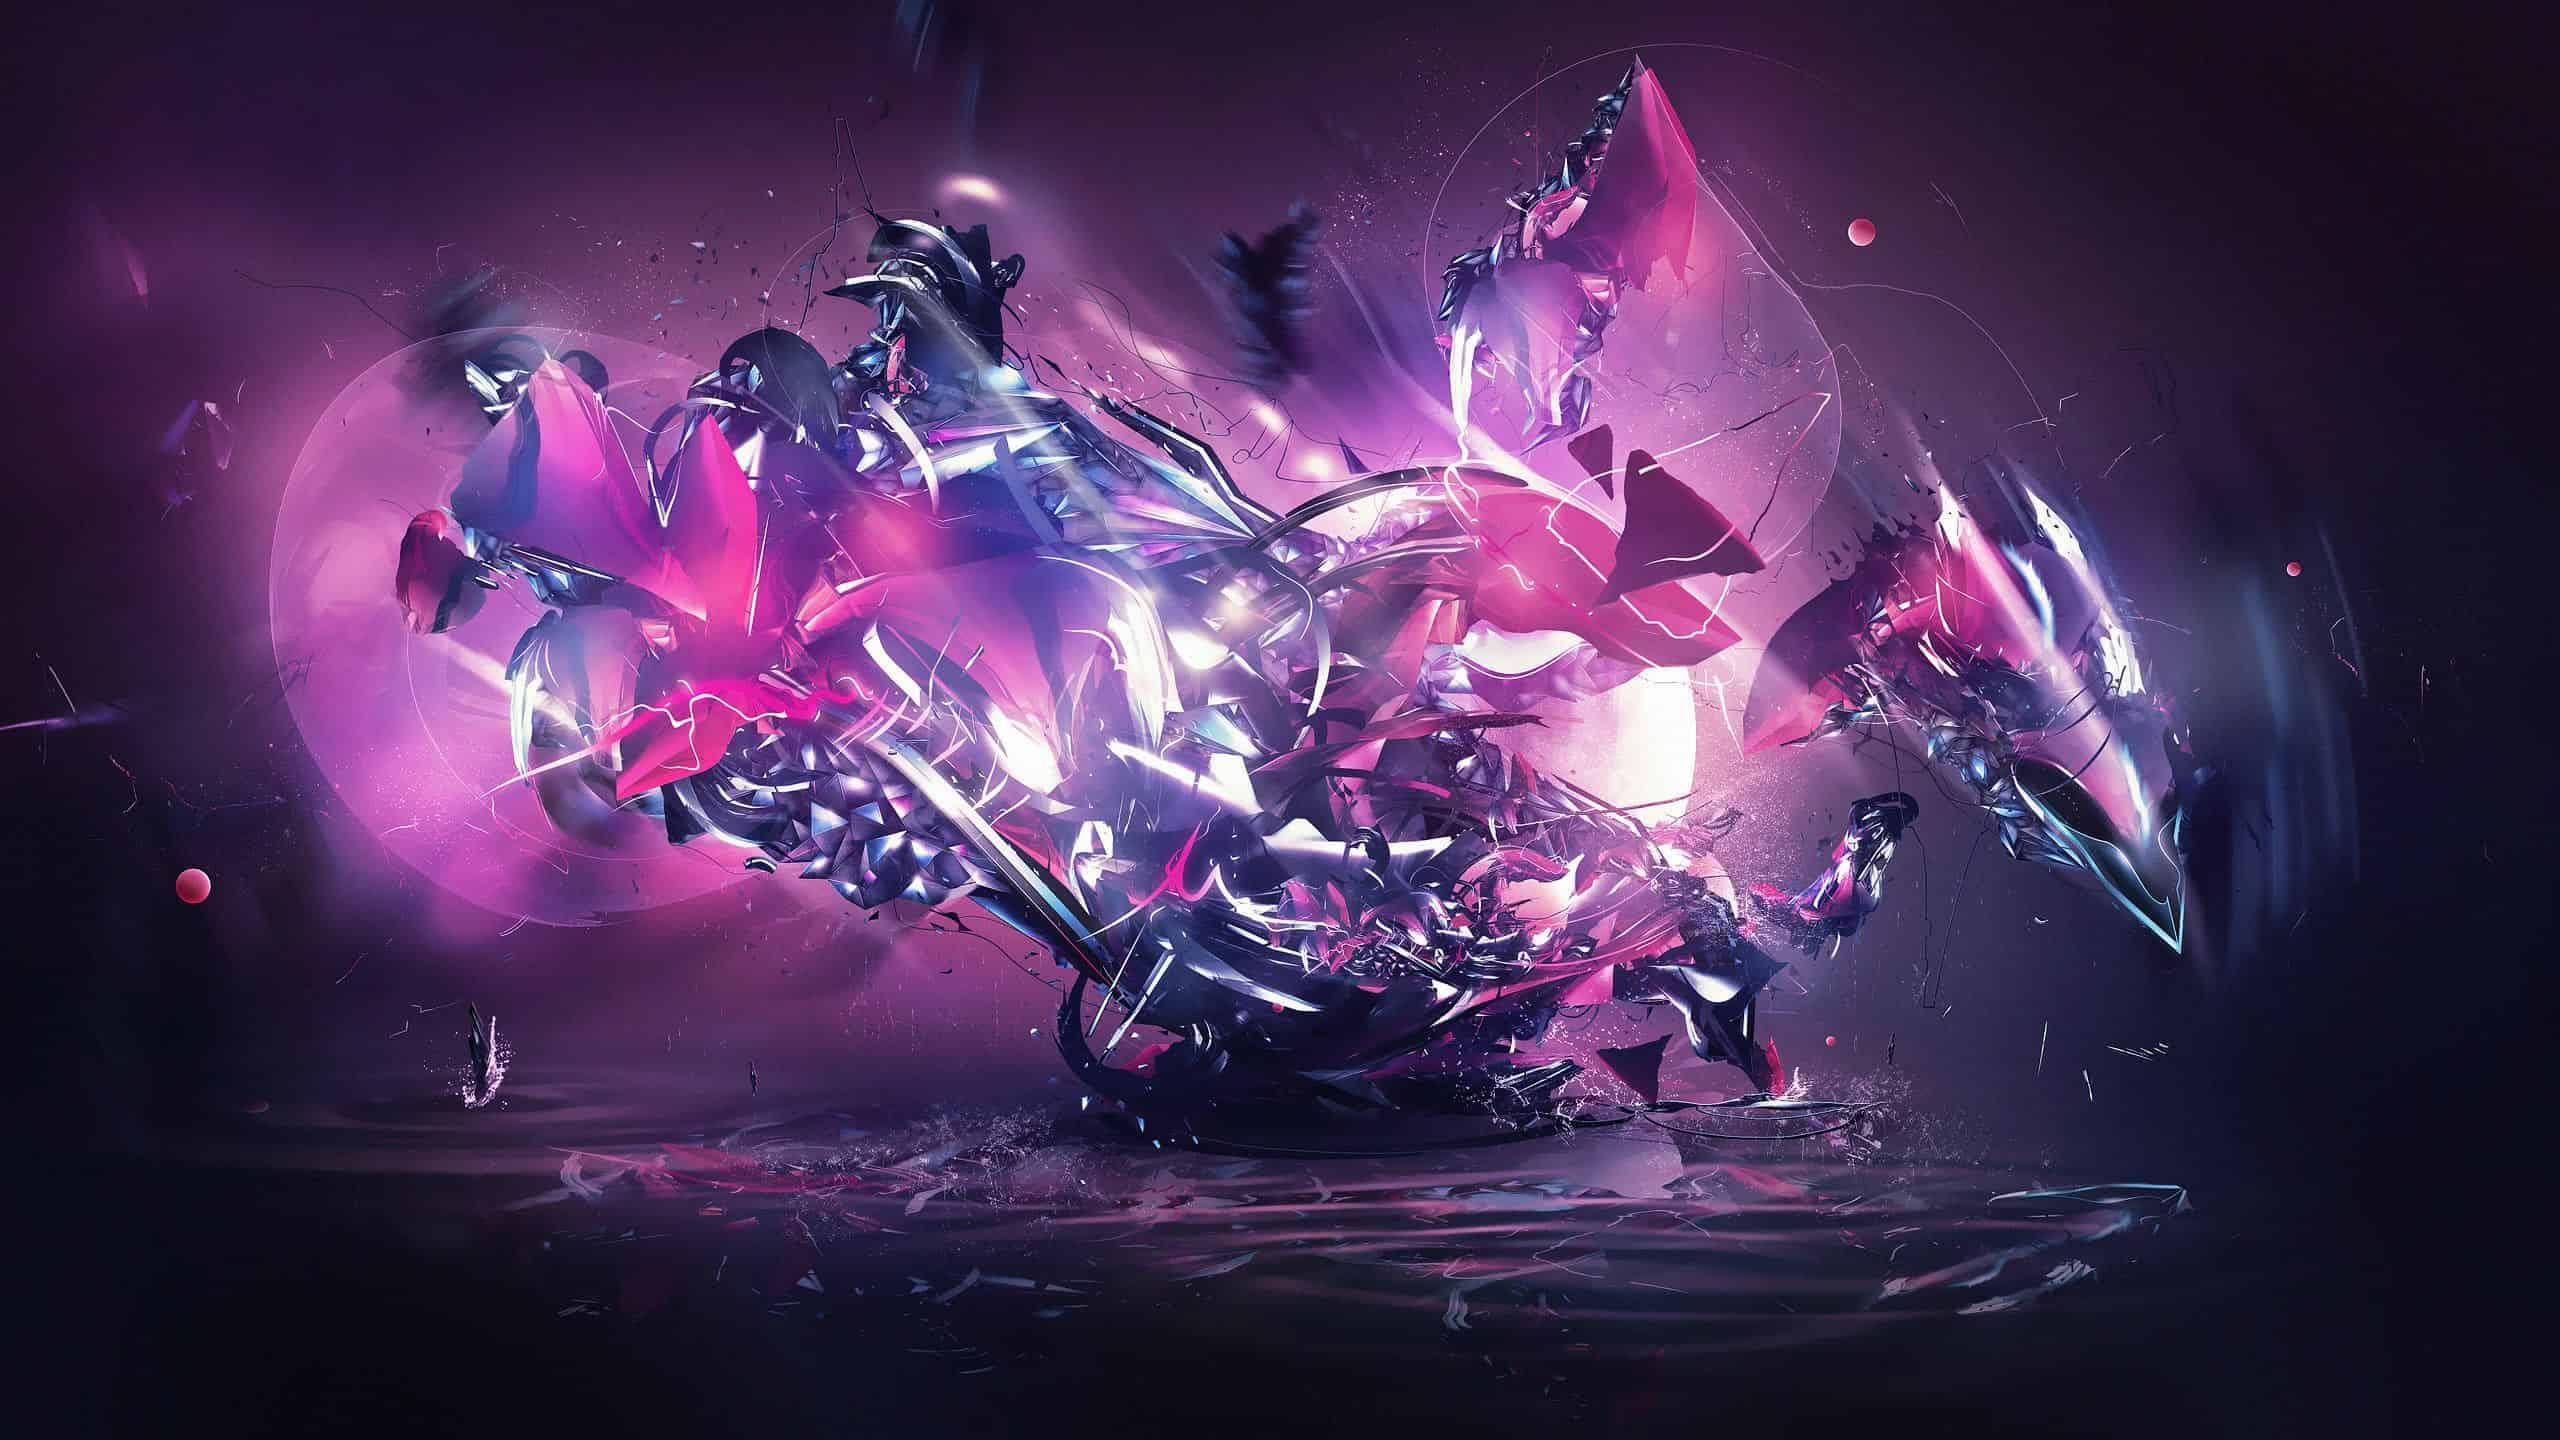 futuristic abstract purple 1440p wallpaper